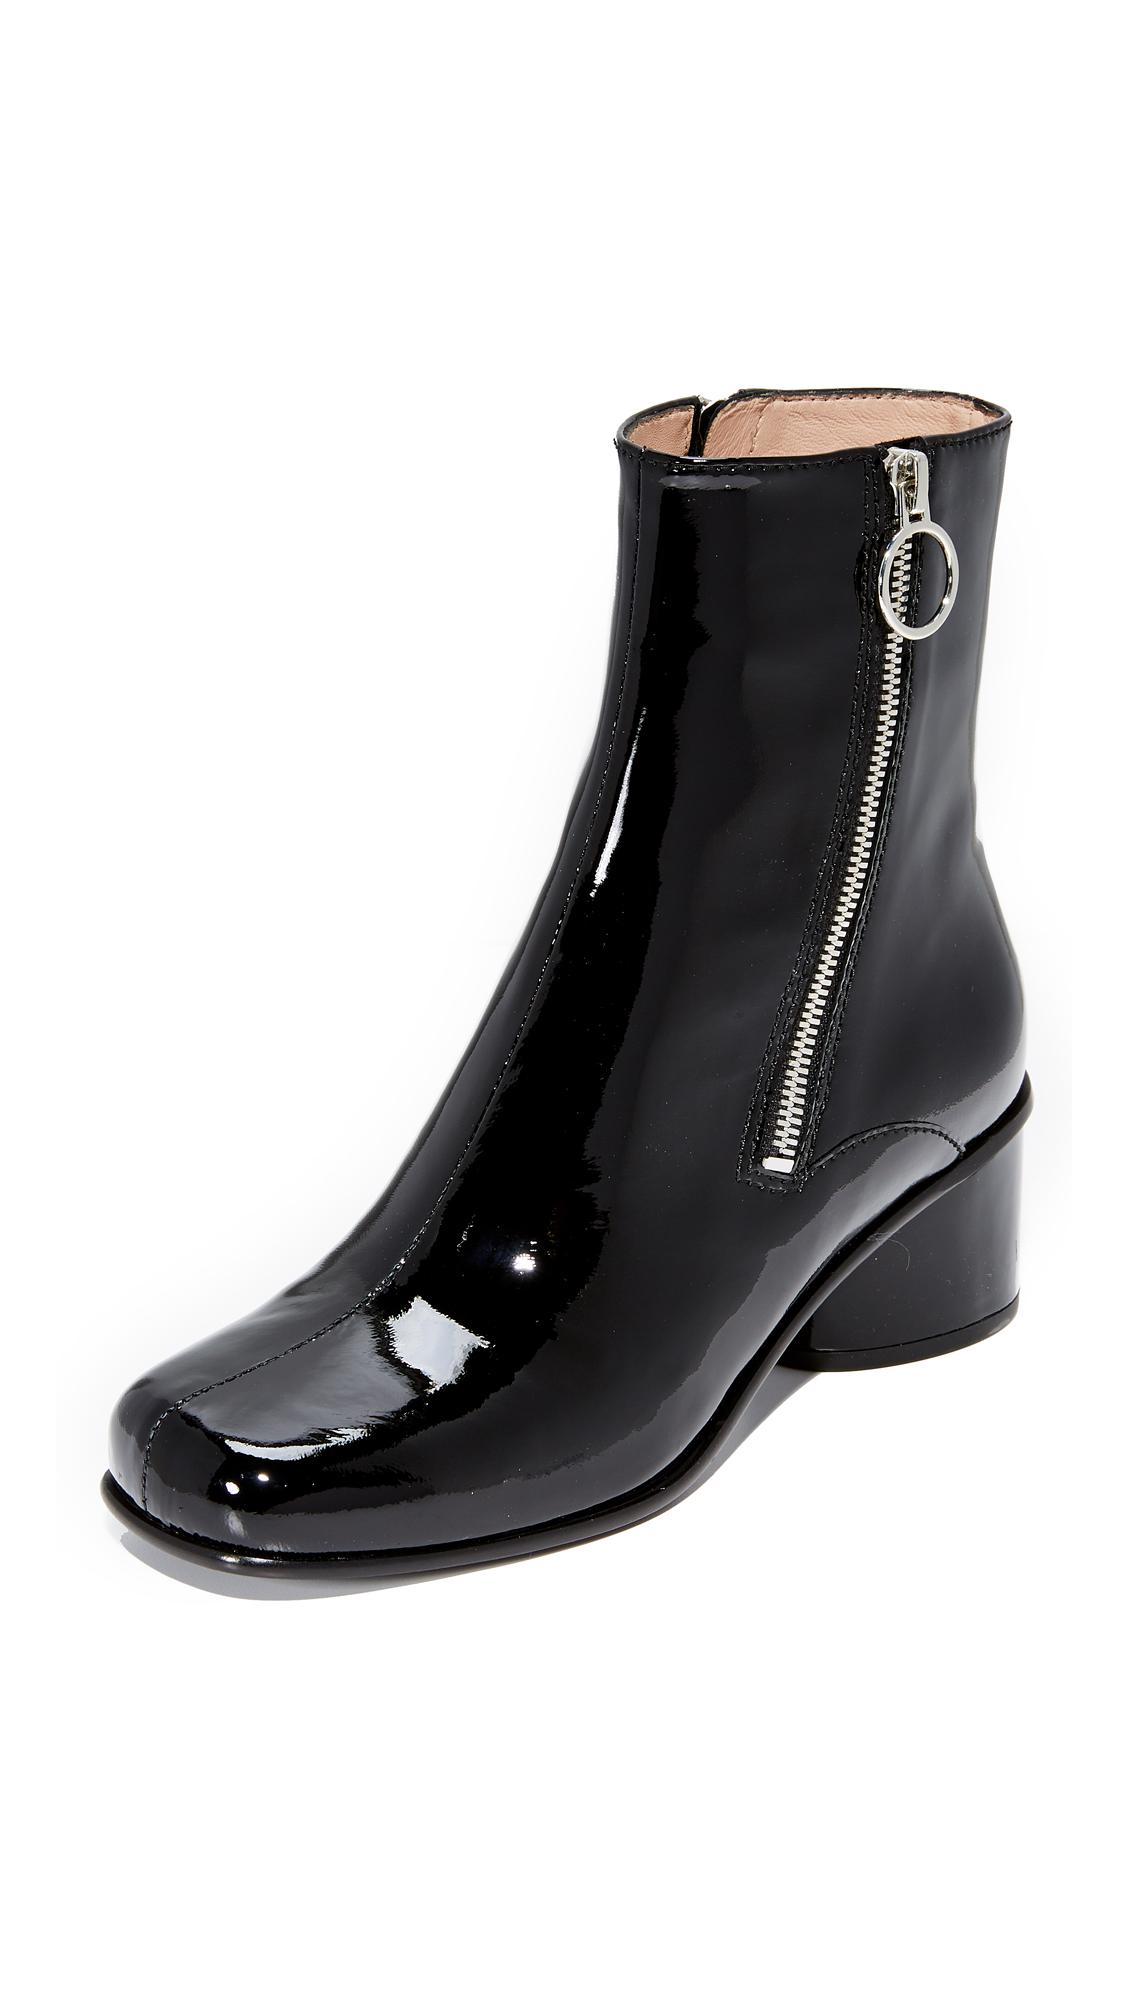 Marc Jacobs Double Zip Booties - Black